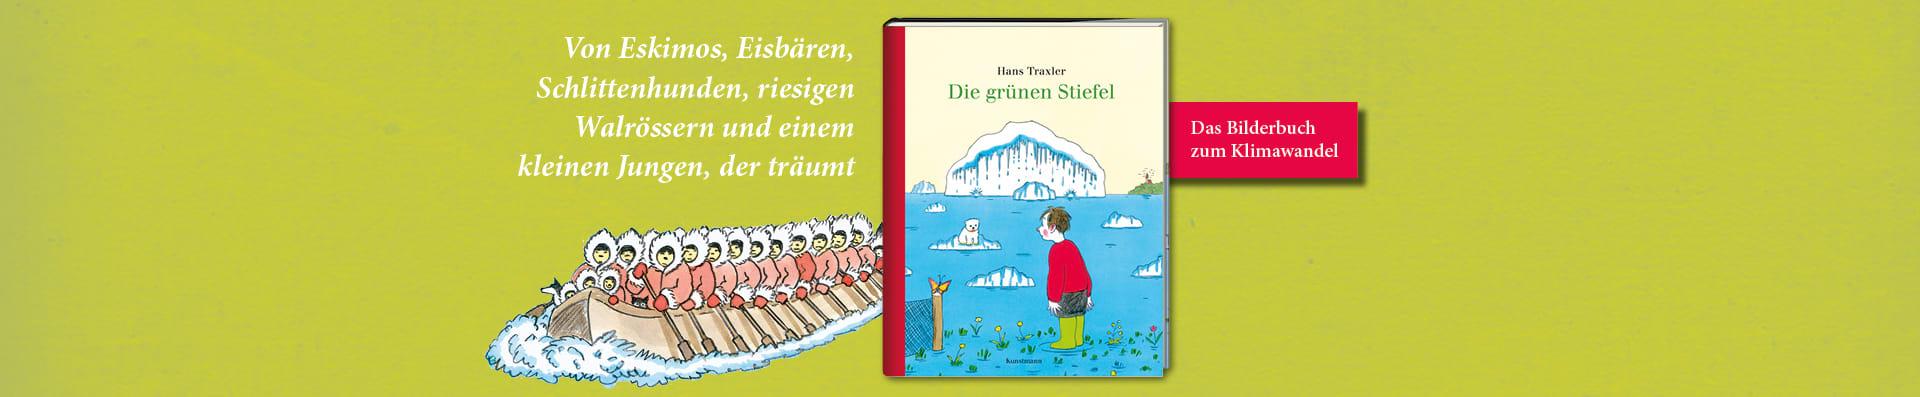 Hans Traxler – Die grünen Stiefel